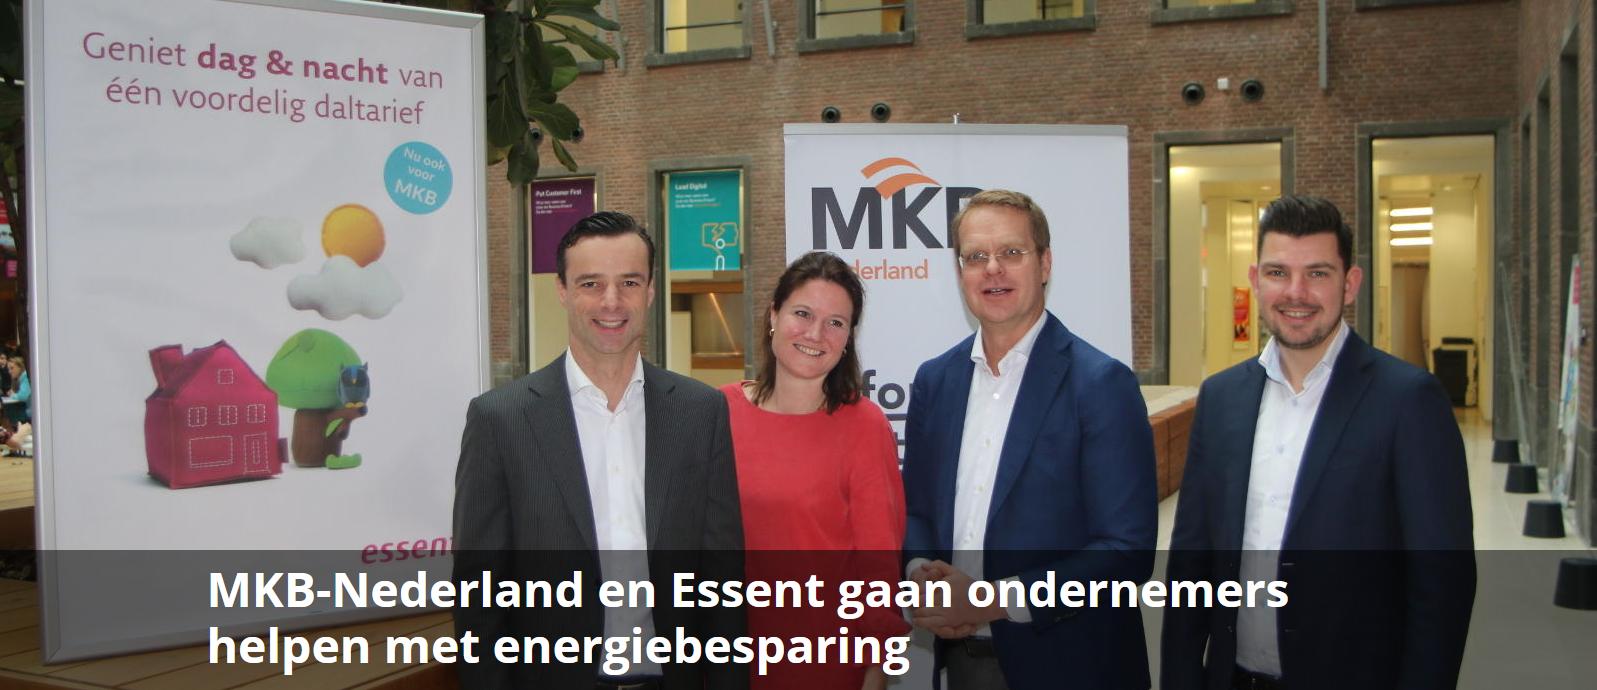 MKB-Nederland en Essent gaan ondernemers helpen met energiebeparing